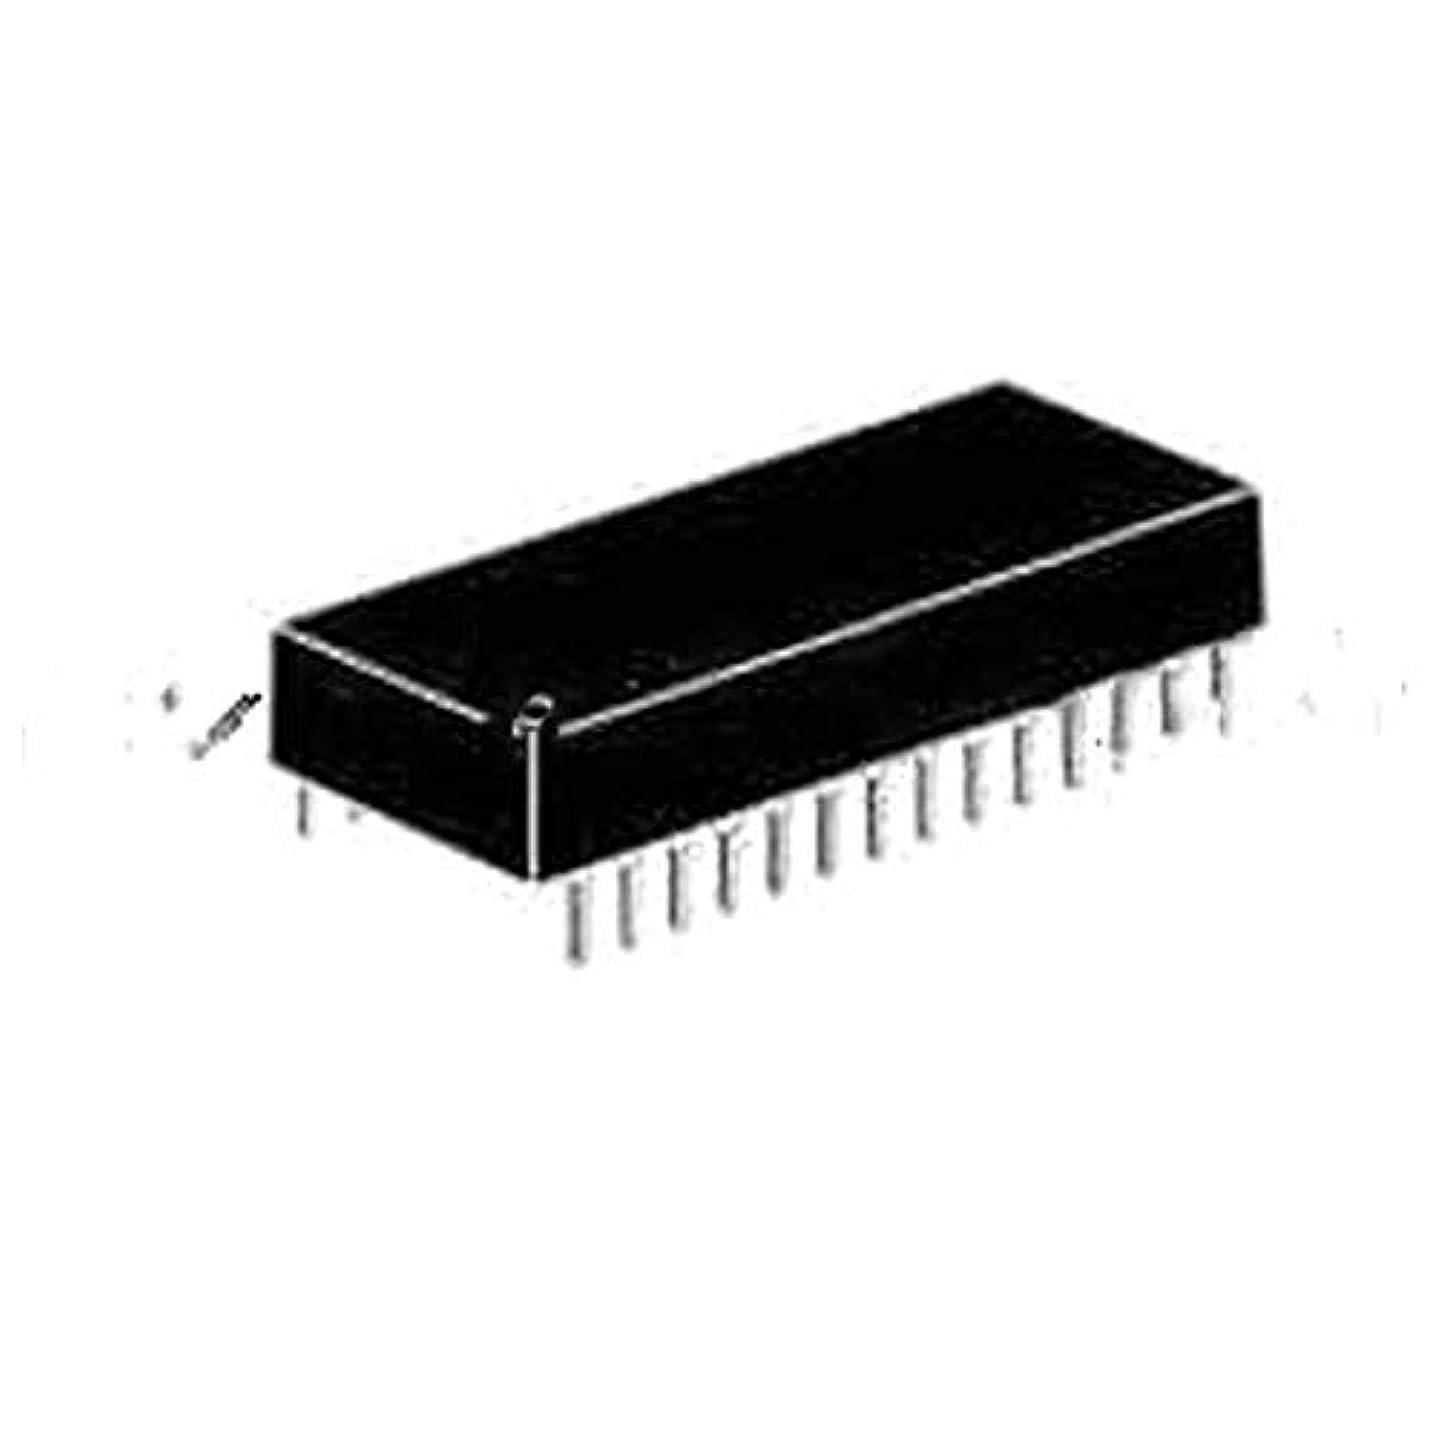 1個セット DS5000T32-16 + IC MCU 8BIT 32KB NVSRAM 40EDIP DS5000T 32-16 DS5000T-32-16